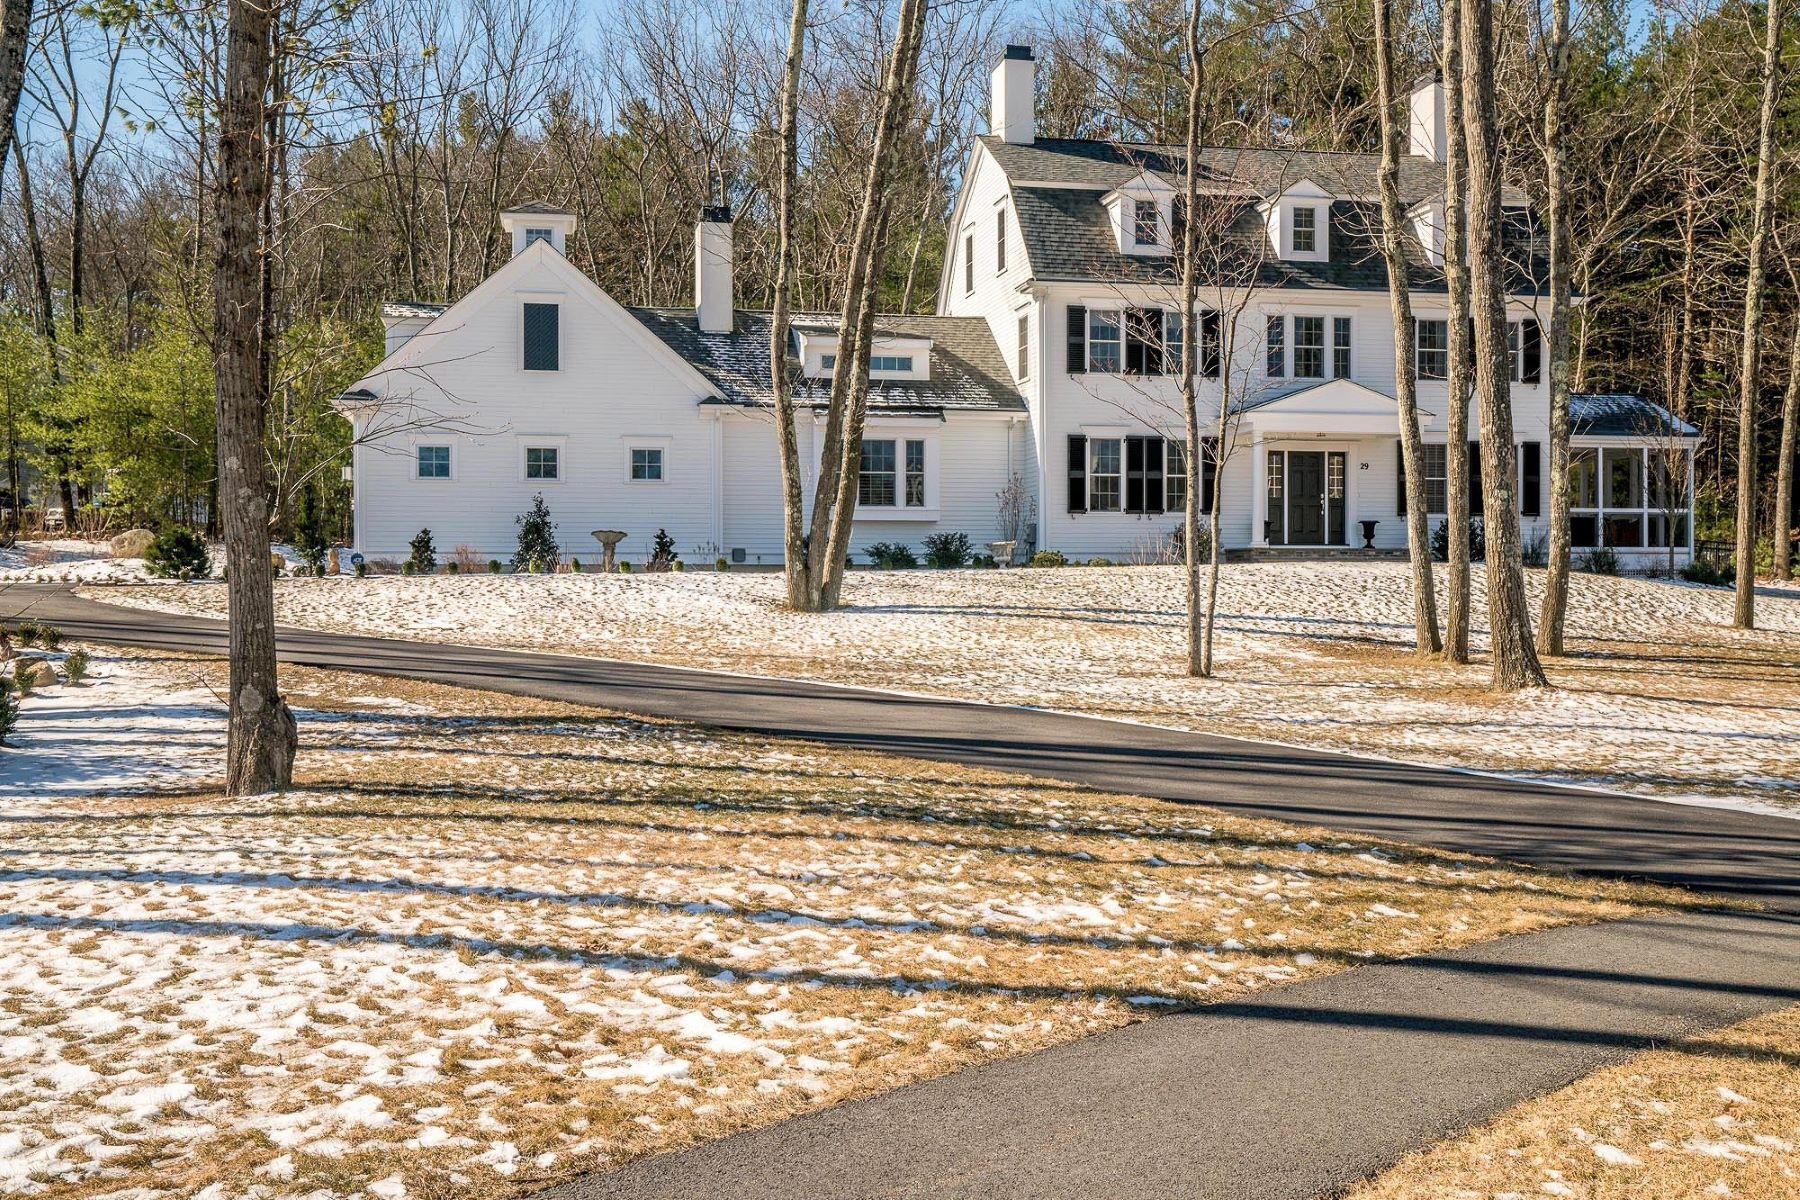 独户住宅 为 销售 在 Cosentino 29 Mill Pond 博尔顿, 马萨诸塞州 01740 美国